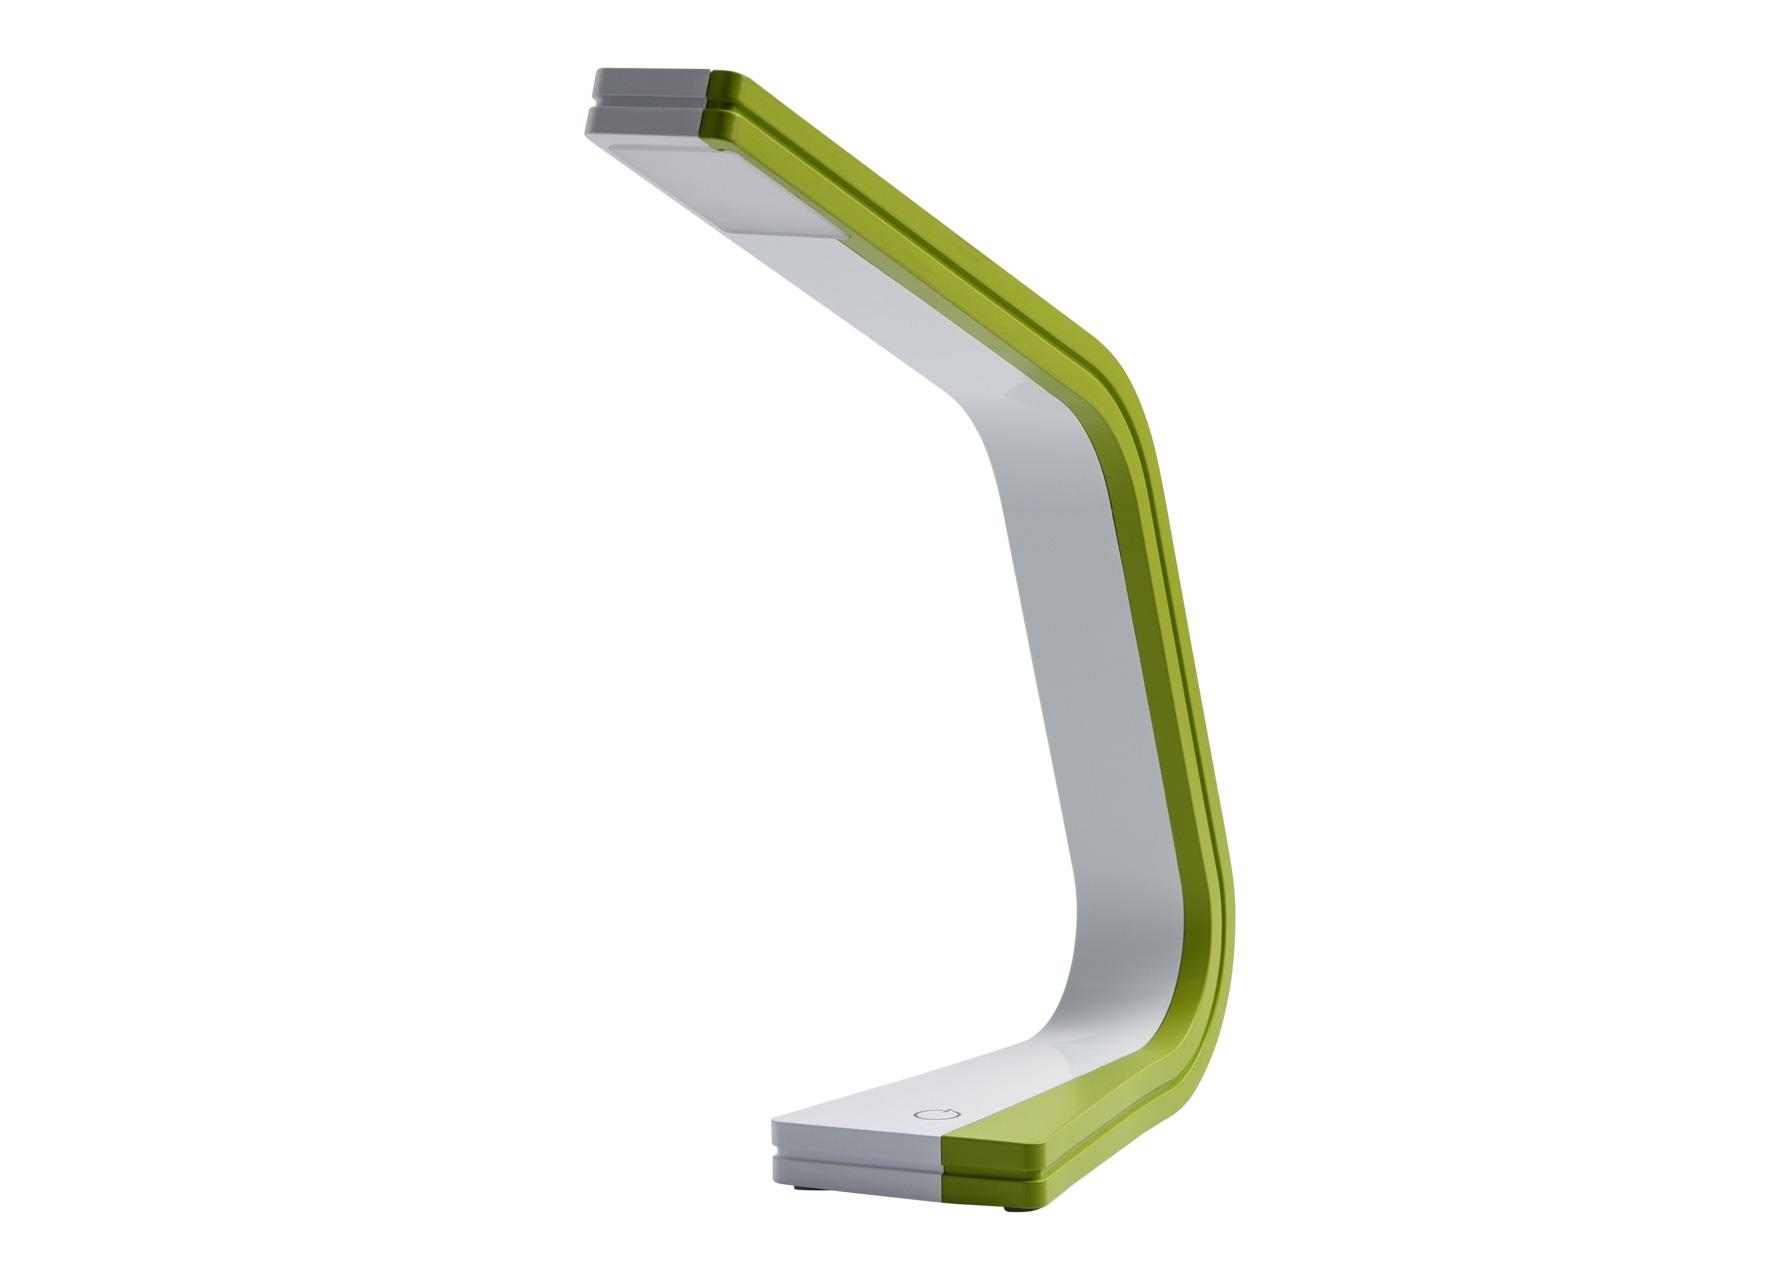 Настольная лампа РакурсНастольные лампы<br>&amp;lt;div&amp;gt;Настольная лампа из коллекции «Ракурс» - идеальное решение для деловых&amp;lt;/div&amp;gt;&amp;lt;div&amp;gt;персон, идущих в ногу со временем. Стильный современный дизайн подчеркнет&amp;amp;nbsp;&amp;lt;span style=&amp;quot;line-height: 1.78571;&amp;quot;&amp;gt;хороший вкус, а минимум деталей не будут отвлекать во время работы. Для тех,&amp;amp;nbsp;&amp;lt;/span&amp;gt;&amp;lt;span style=&amp;quot;line-height: 1.78571;&amp;quot;&amp;gt;кто всё же хочет немного разнообразить и освежить интерьер, данная модель&amp;amp;nbsp;&amp;lt;/span&amp;gt;&amp;lt;span style=&amp;quot;line-height: 1.78571;&amp;quot;&amp;gt;представлена в нескольких цветовых вариантах. Помимо удачных внешних&amp;amp;nbsp;&amp;lt;/span&amp;gt;&amp;lt;span style=&amp;quot;line-height: 1.78571;&amp;quot;&amp;gt;параметров, лампа оснащена системой touch control и диммером, что позволяет&amp;amp;nbsp;&amp;lt;/span&amp;gt;&amp;lt;span style=&amp;quot;line-height: 1.78571;&amp;quot;&amp;gt;включать лампу и менять яркость светового потока легким движением руки.&amp;lt;/span&amp;gt;&amp;lt;/div&amp;gt;&amp;lt;div&amp;gt;&amp;lt;span style=&amp;quot;line-height: 1.78571;&amp;quot;&amp;gt;&amp;lt;br&amp;gt;&amp;lt;/span&amp;gt;&amp;lt;/div&amp;gt;&amp;lt;div&amp;gt;Рекомендуемая площадь освещения порядка 3 кв.м.&amp;lt;/div&amp;gt;&amp;lt;div&amp;gt;Мощность/кол-во ламп 1*6W LED 220 V IP20&amp;lt;/div&amp;gt;&amp;lt;div&amp;gt;Сила светового потока: 576 Лм (Люмен)&amp;lt;/div&amp;gt;&amp;lt;div&amp;gt;Площадь освещенности: 3 м2&amp;lt;/div&amp;gt;&amp;lt;div&amp;gt;Вес: 1,53 кг&amp;lt;/div&amp;gt;&amp;lt;div&amp;gt;Арматура: пластик&amp;lt;/div&amp;gt;<br><br>Material: Пластик<br>Ширина см: 8<br>Высота см: 31<br>Глубина см: 30